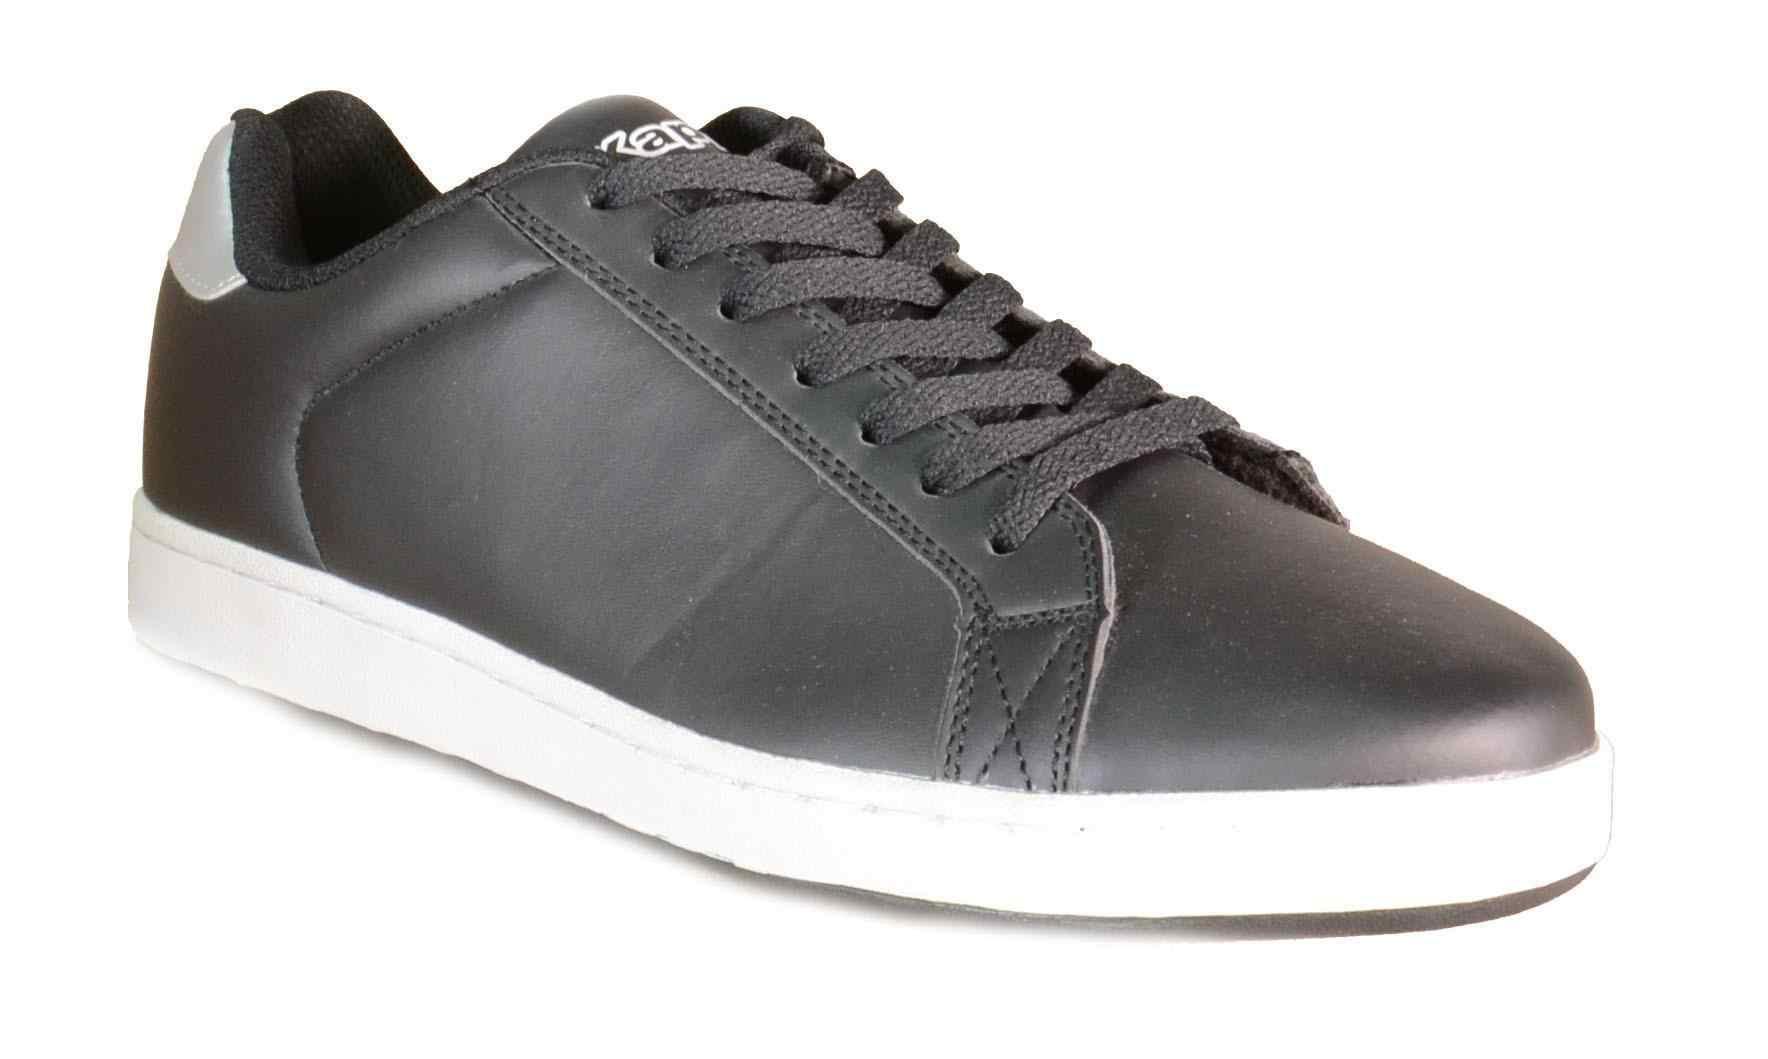 ROBE DI KAPPA Kappa Robe Men's Shoes